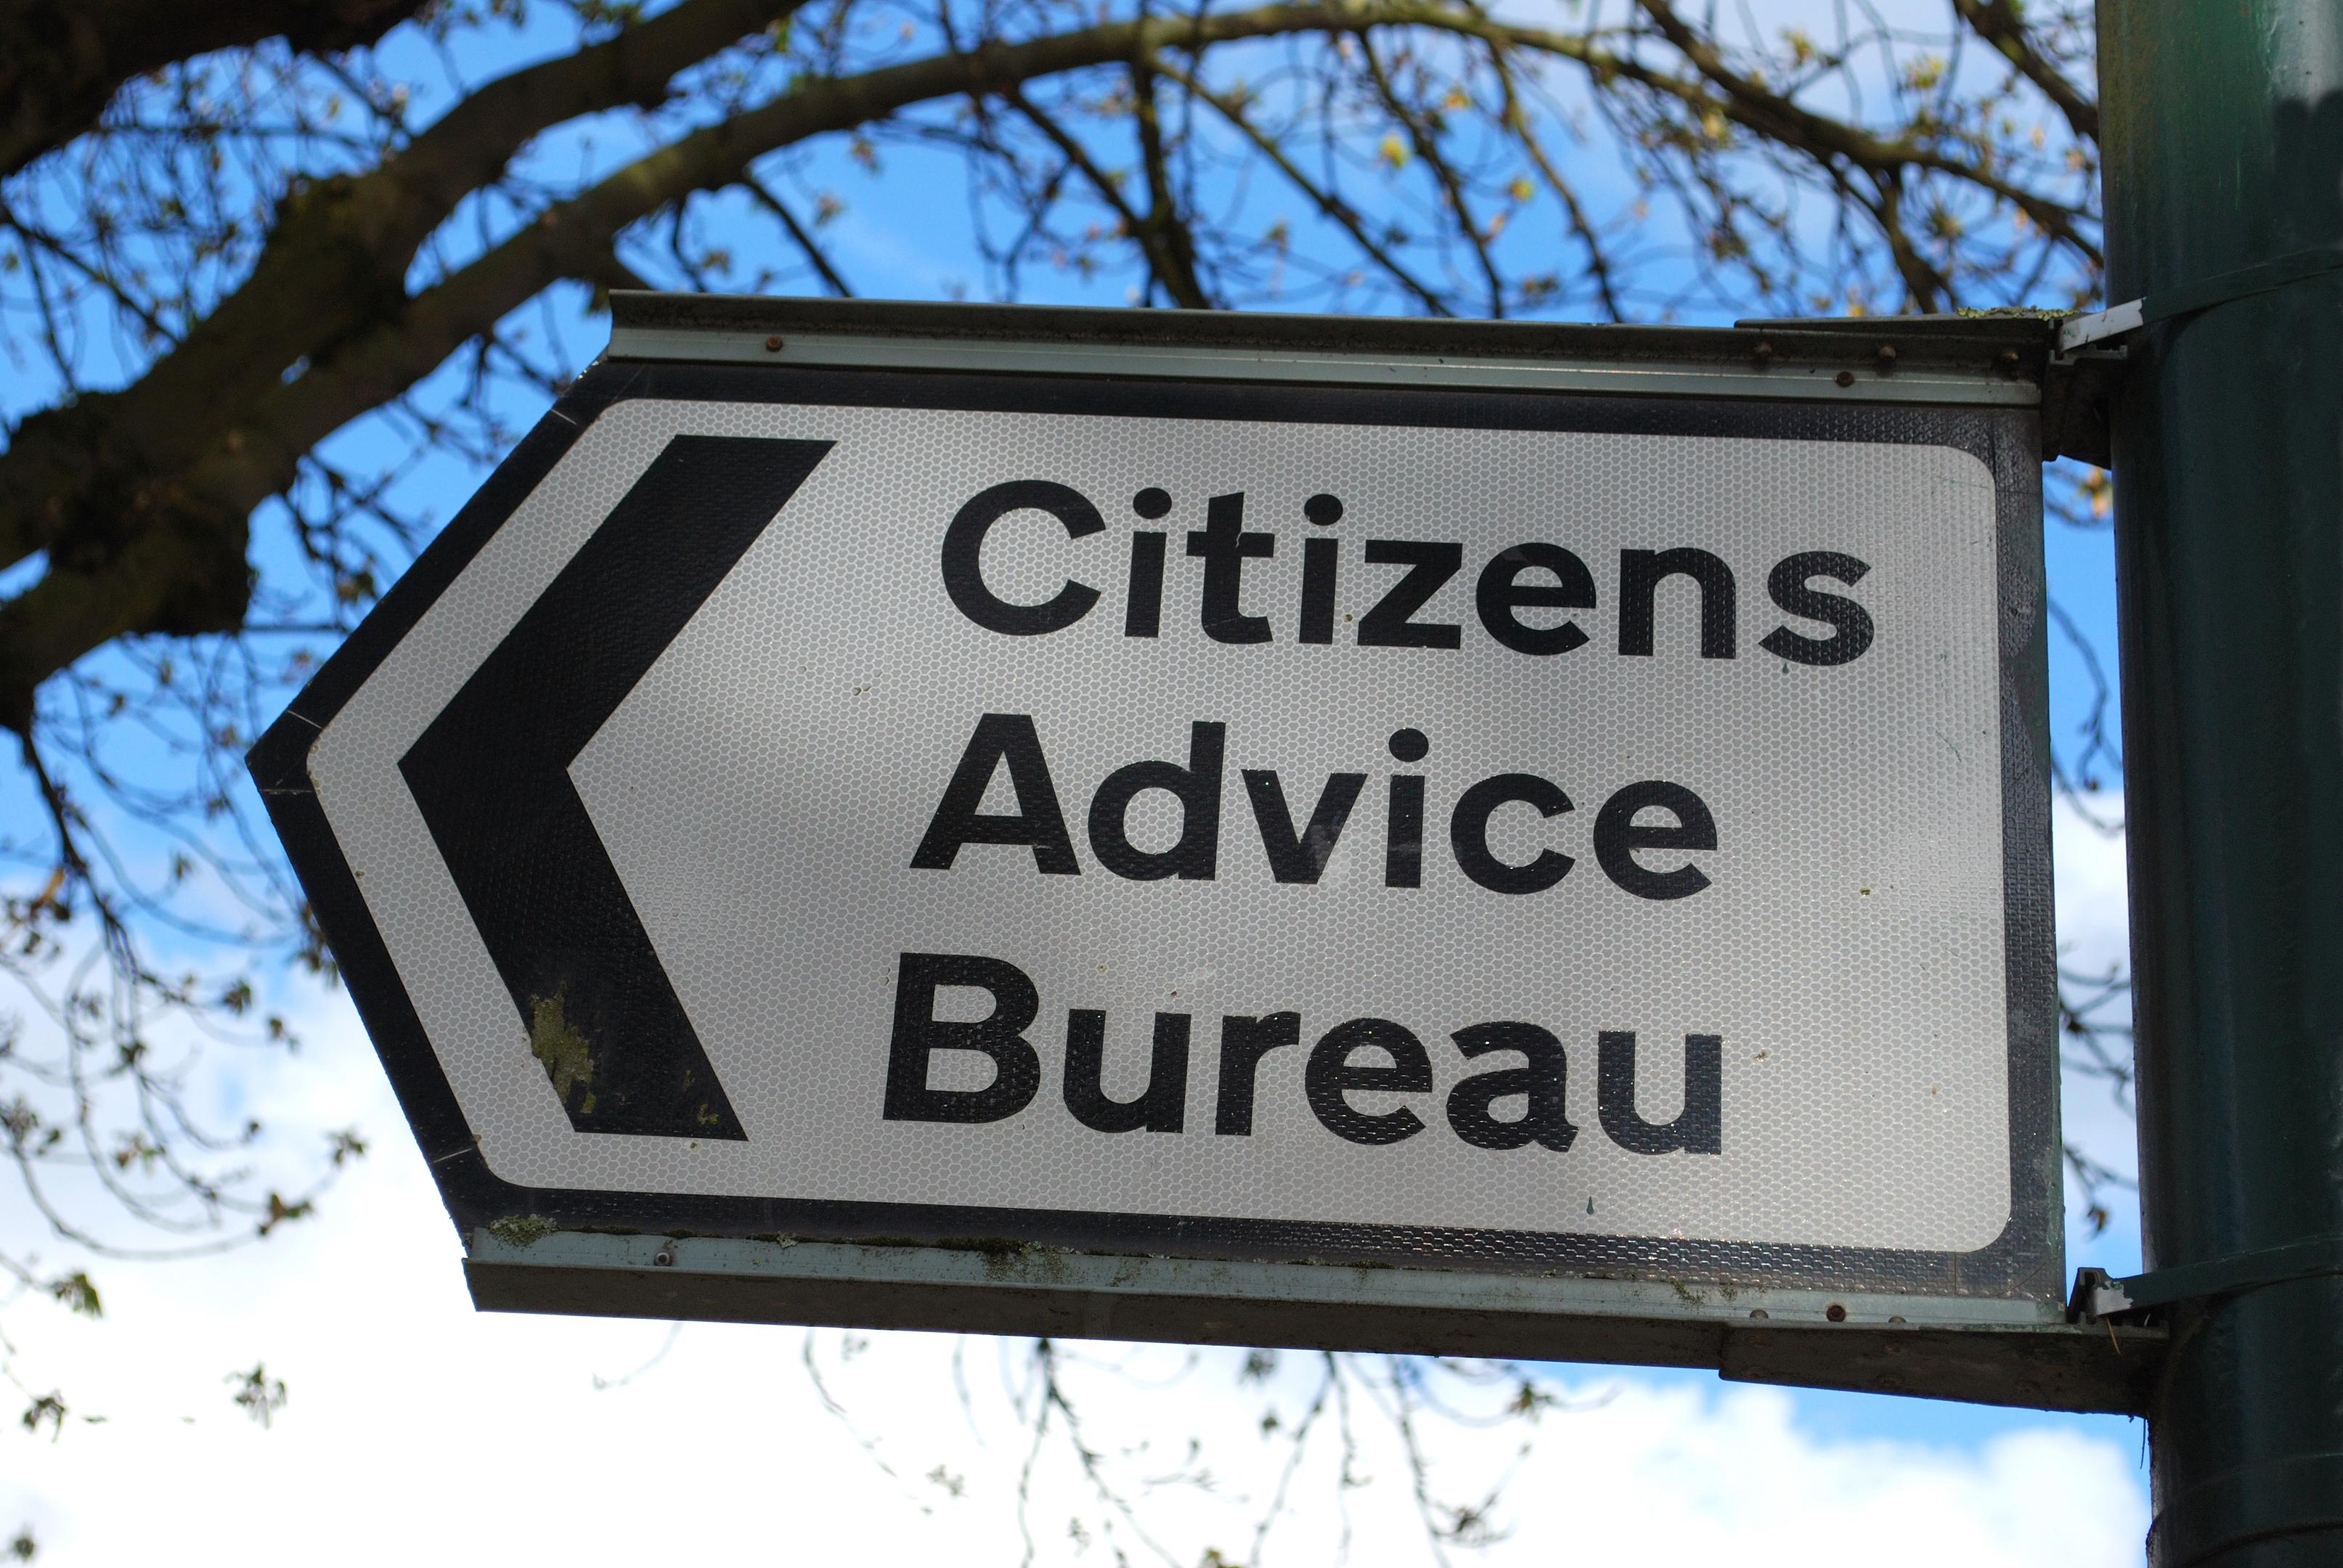 Citizens Advice Bureau (iStock)